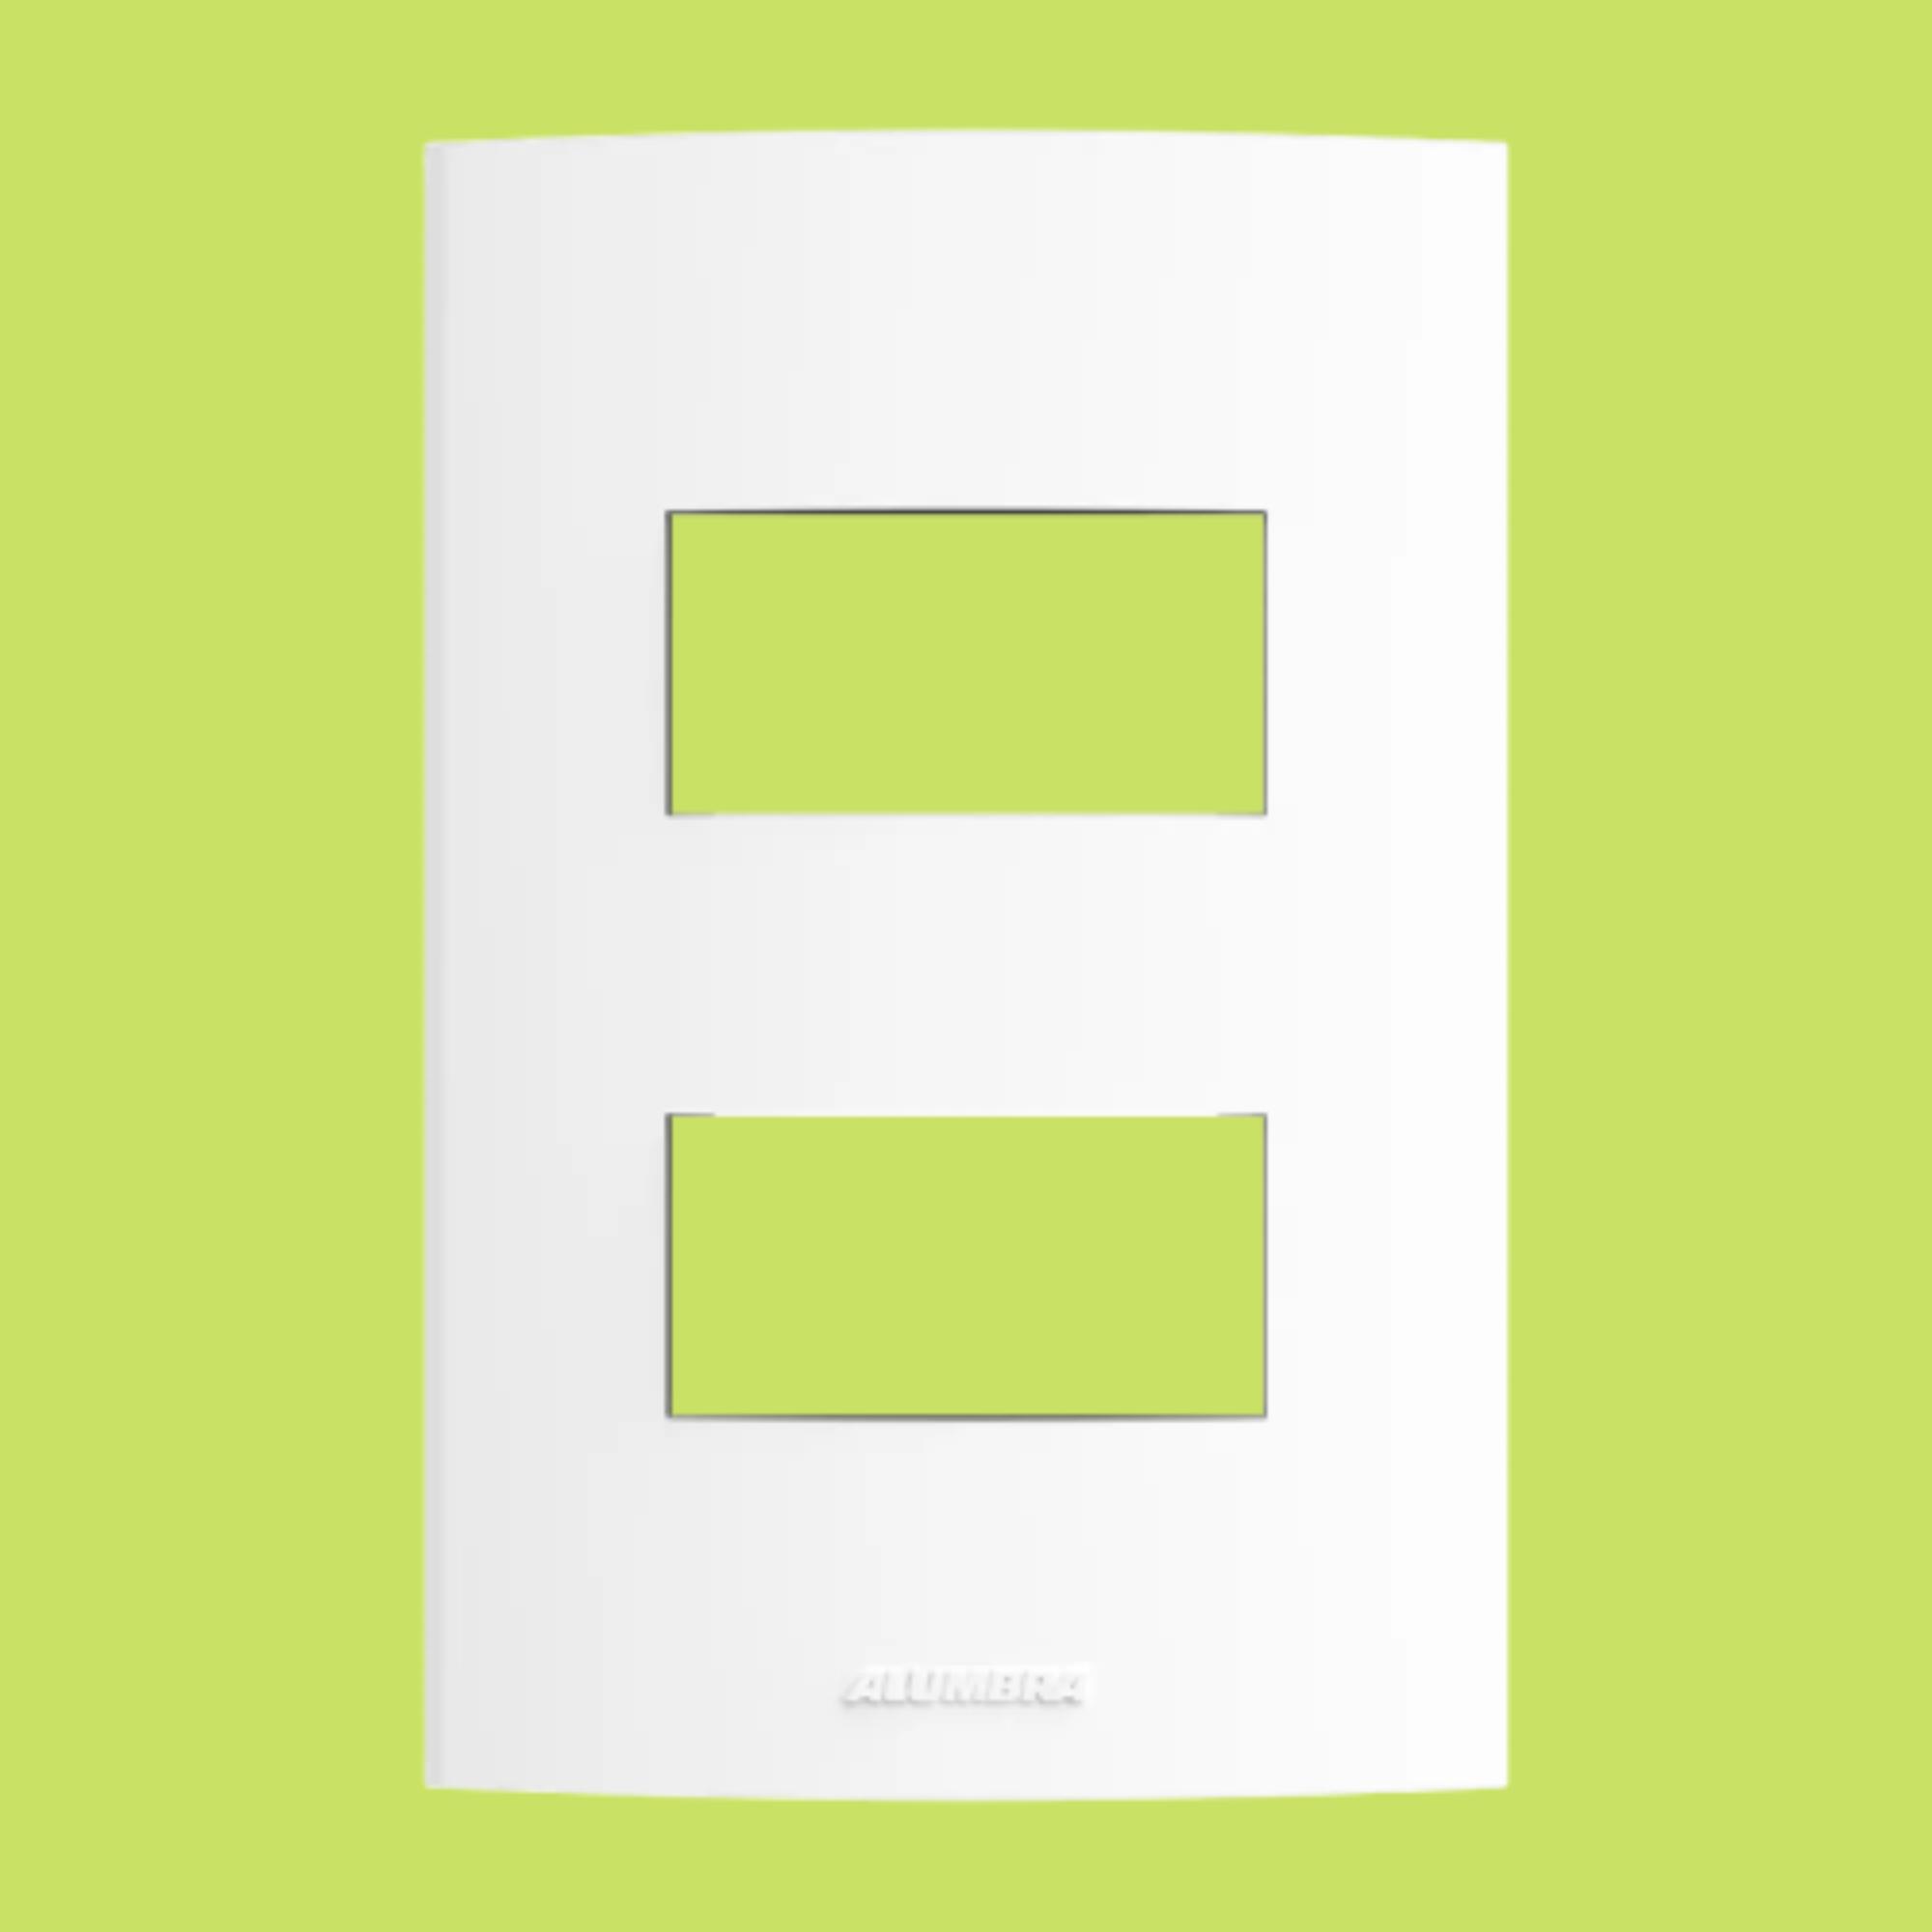 Inova Pró Placa 4x2 2 Seções